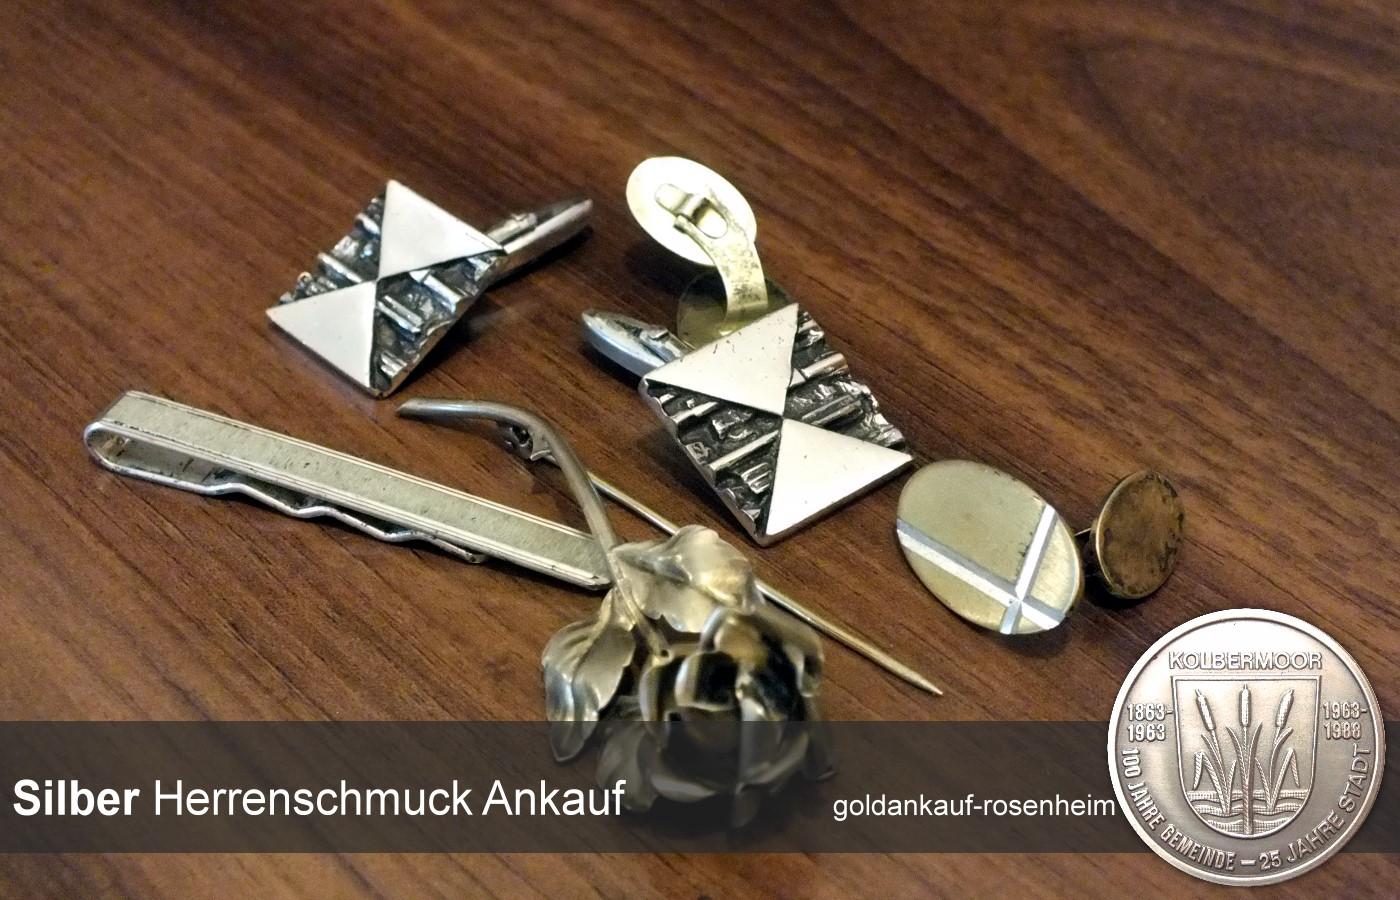 Schmuck gold ankauf